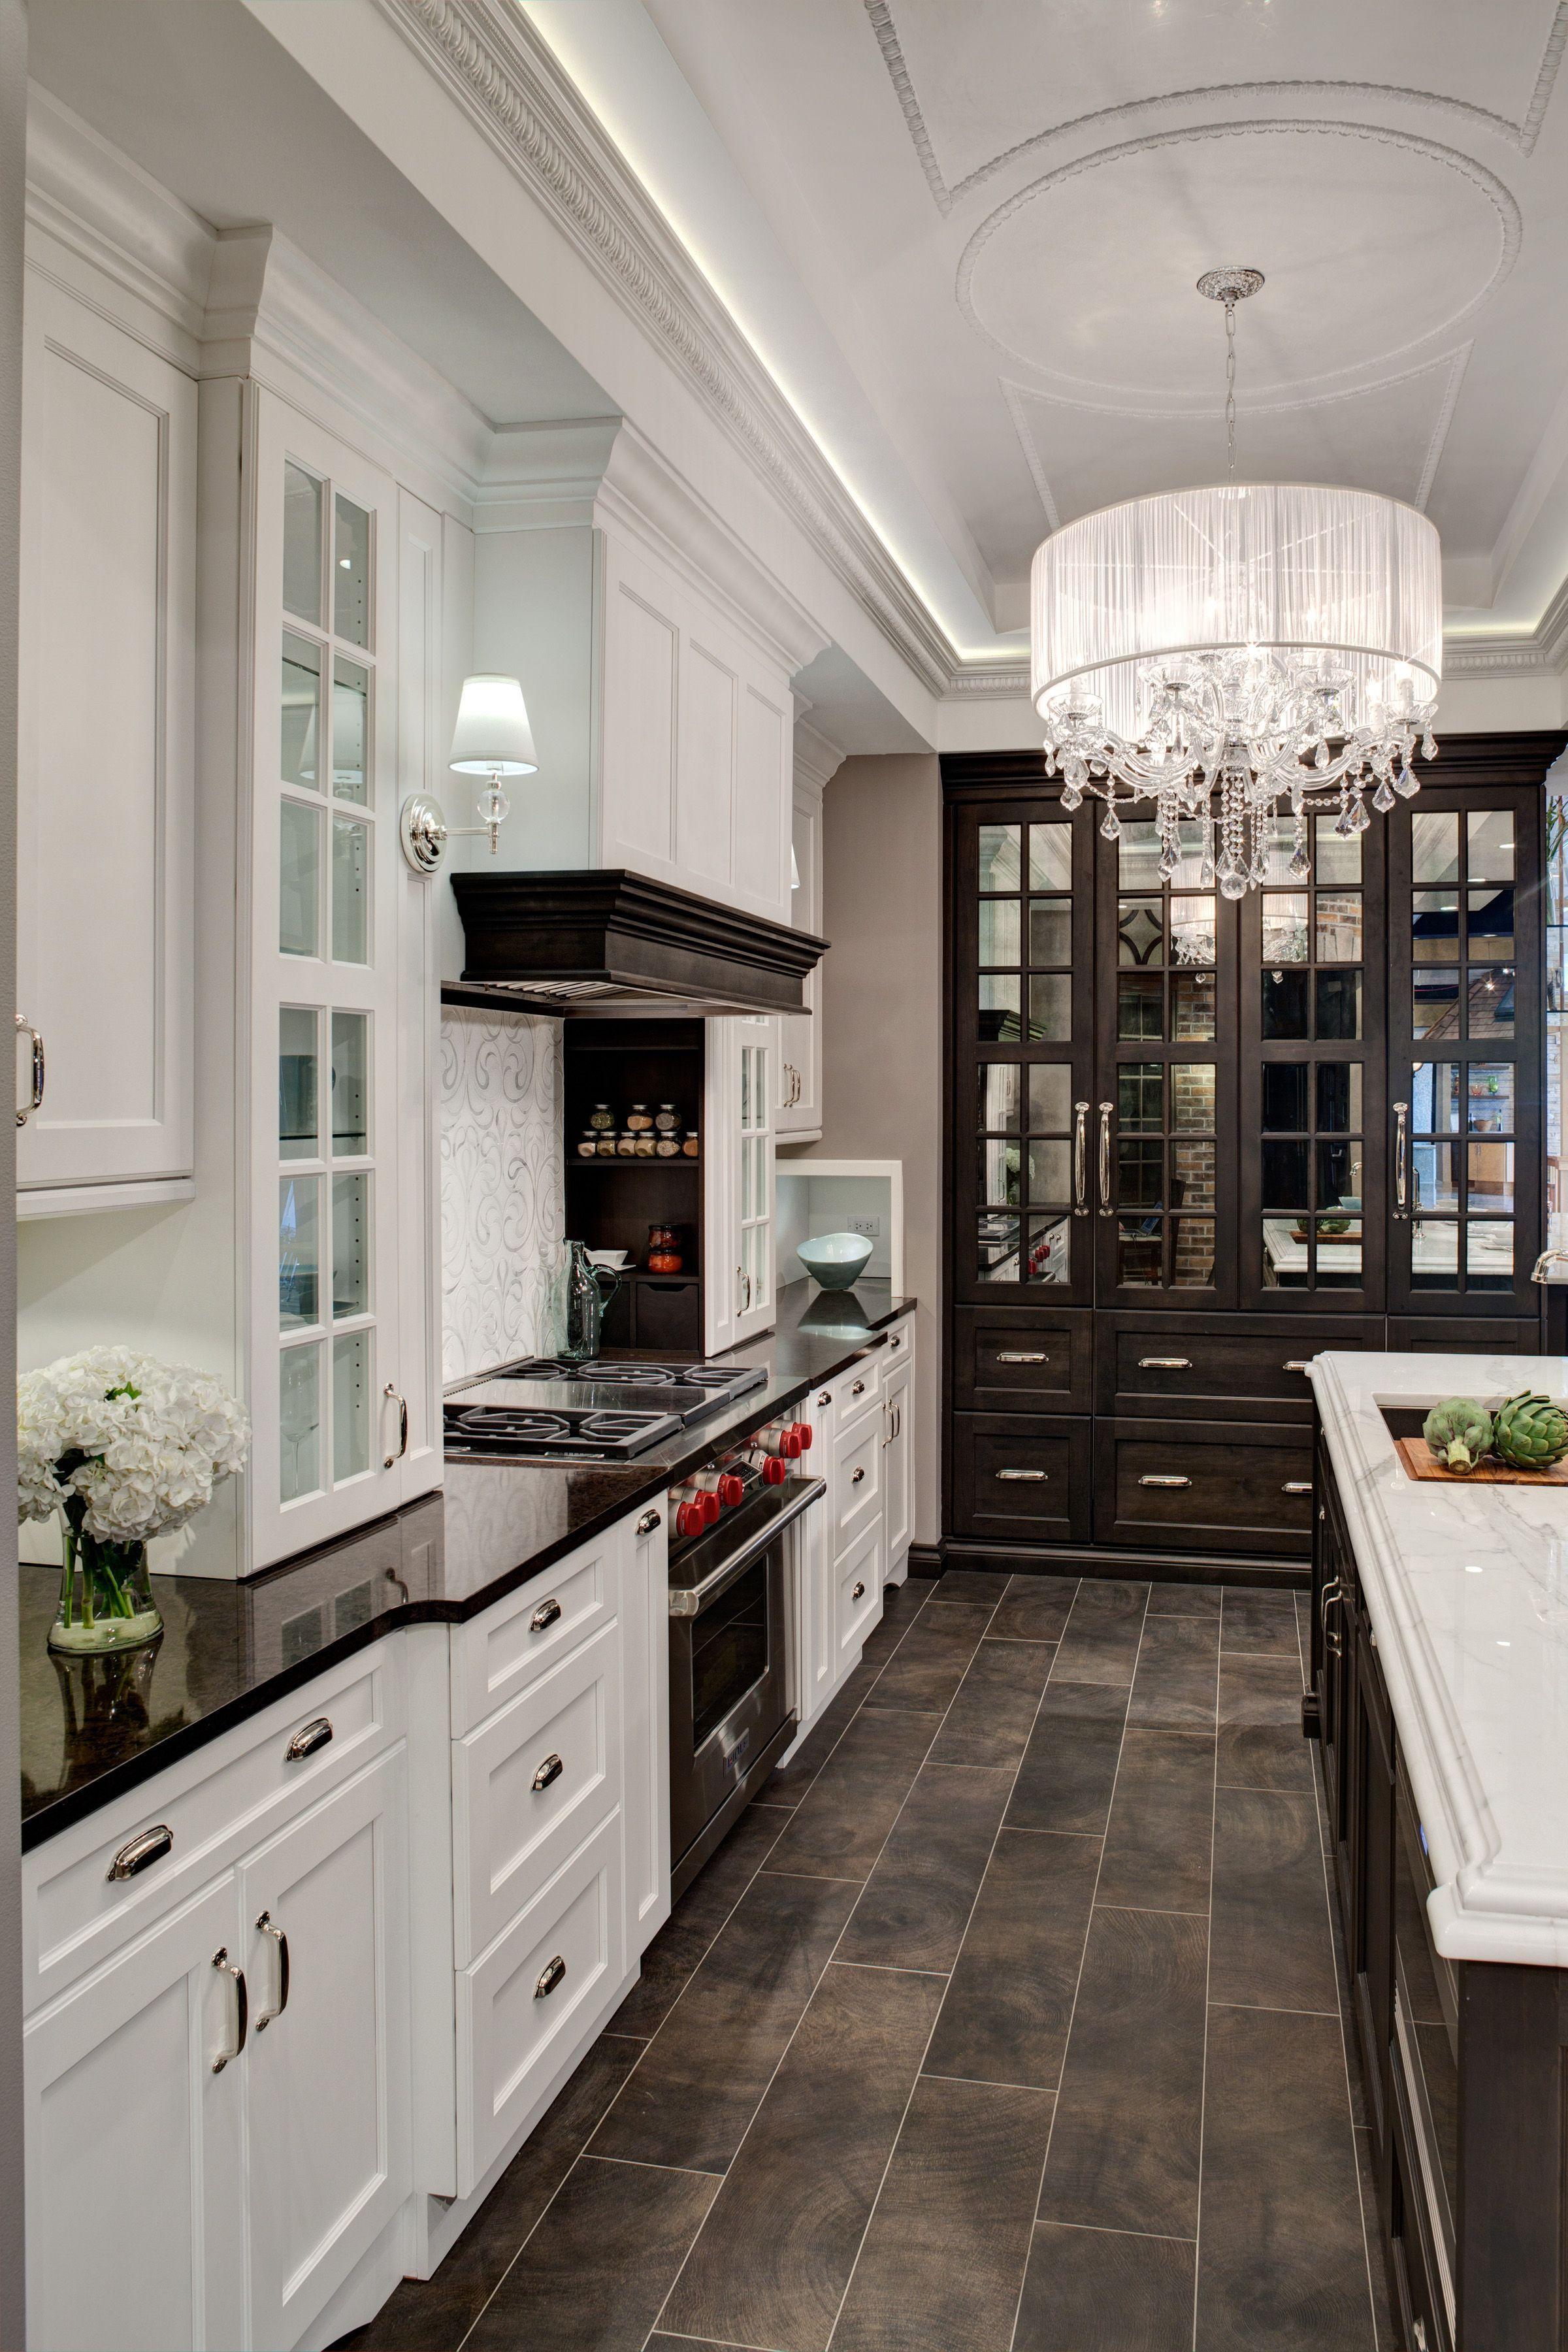 Innenarchitektur für zuhause lincolnwood design showroom kitchen display traditionalkitchens